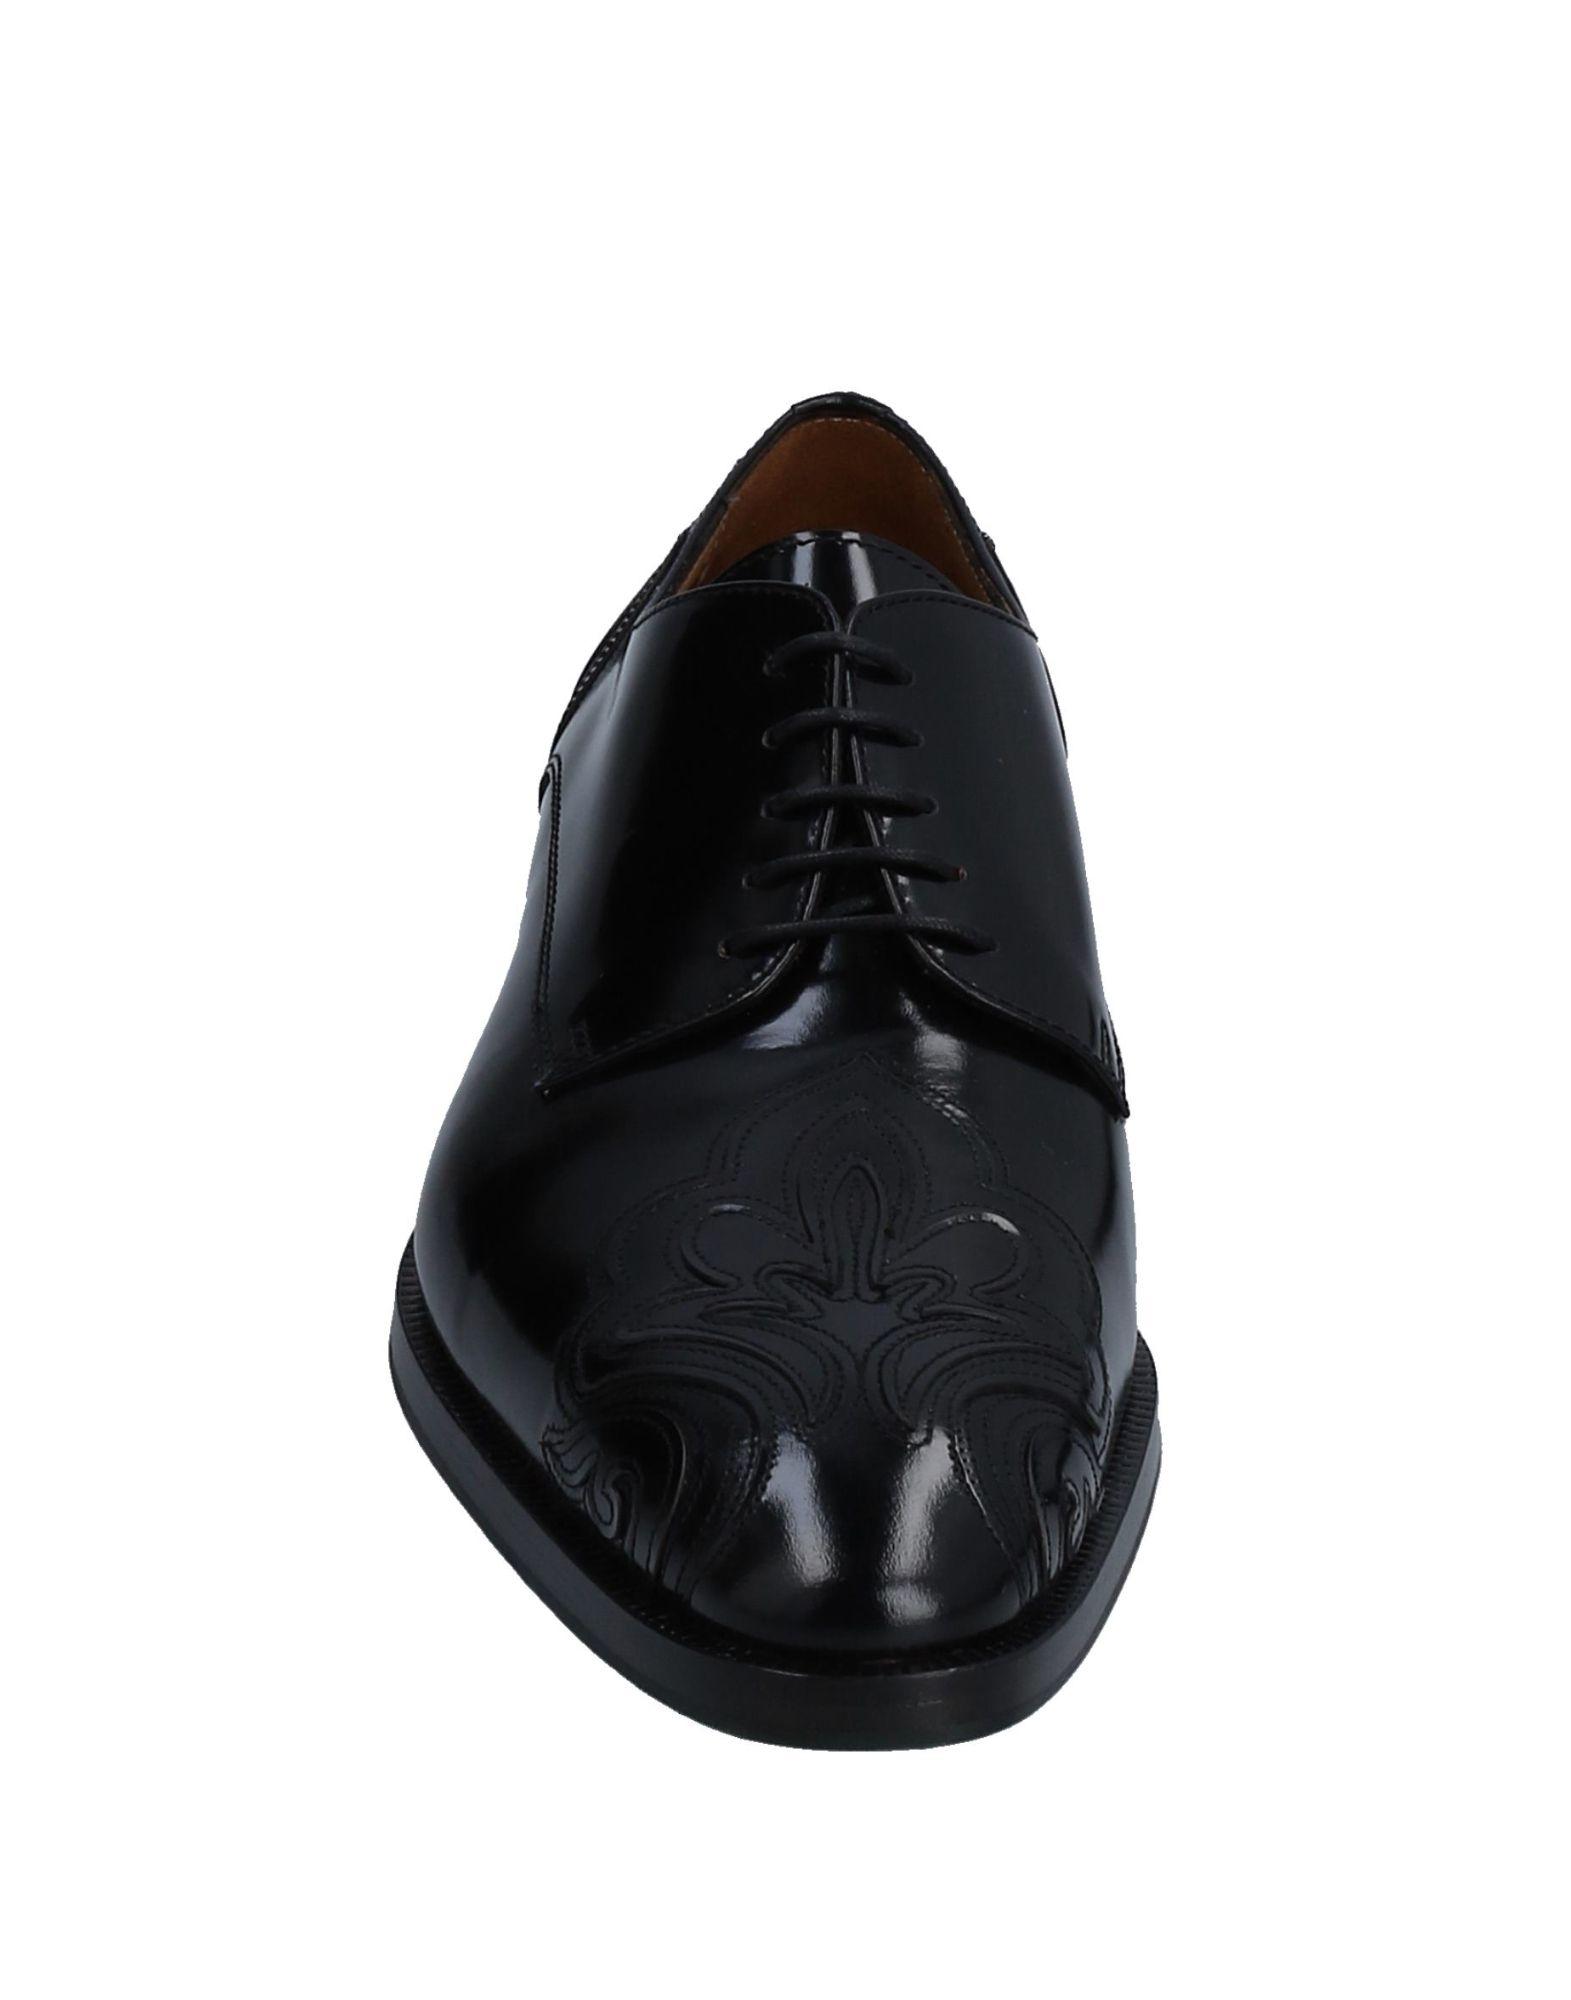 Etro Schnürschuhe Herren Herren Schnürschuhe  11523886IJ Gute Qualität beliebte Schuhe 06cf4e